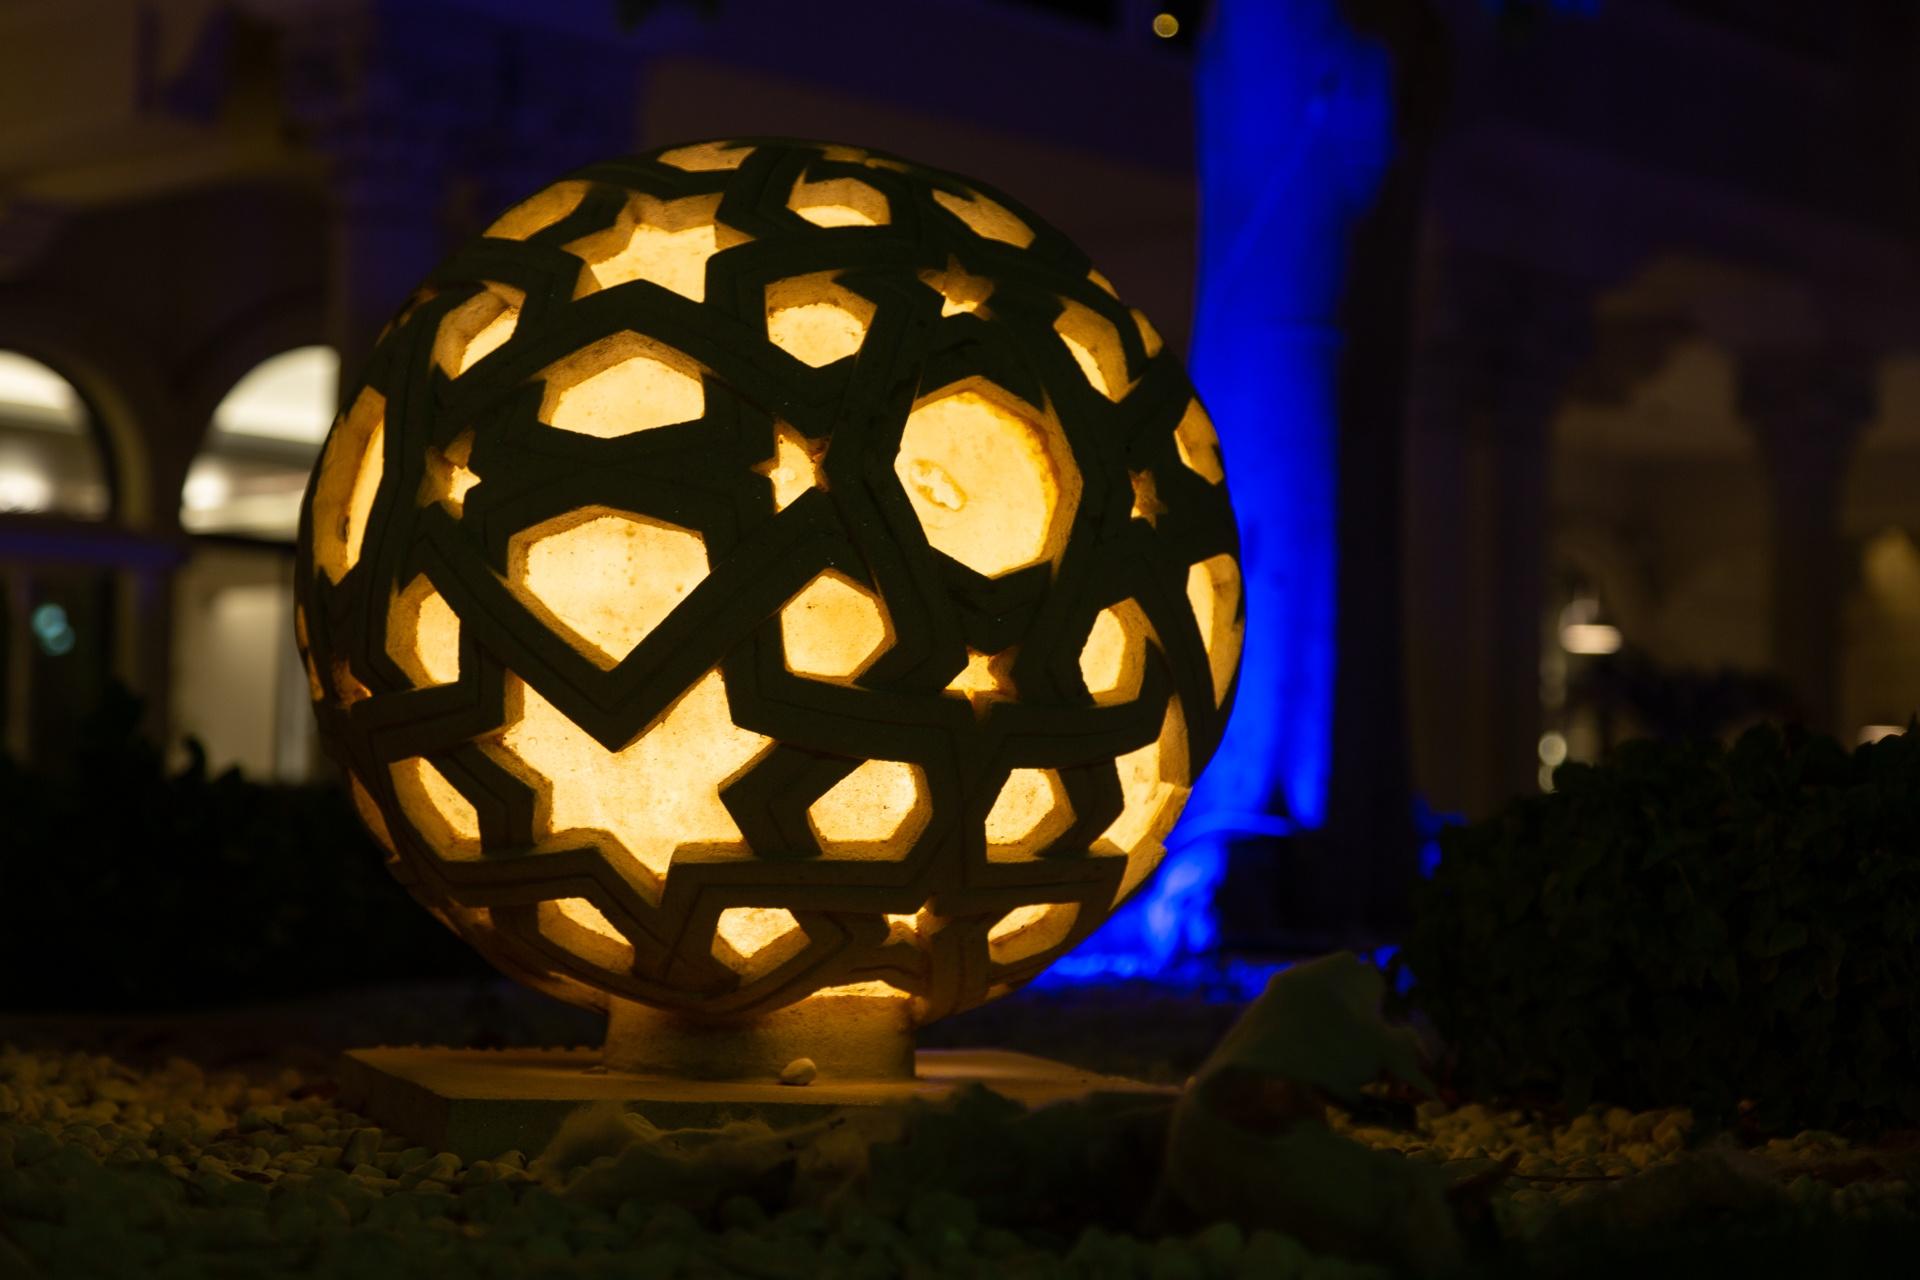 Stone sculpture at Al Qasbr, Sharjah